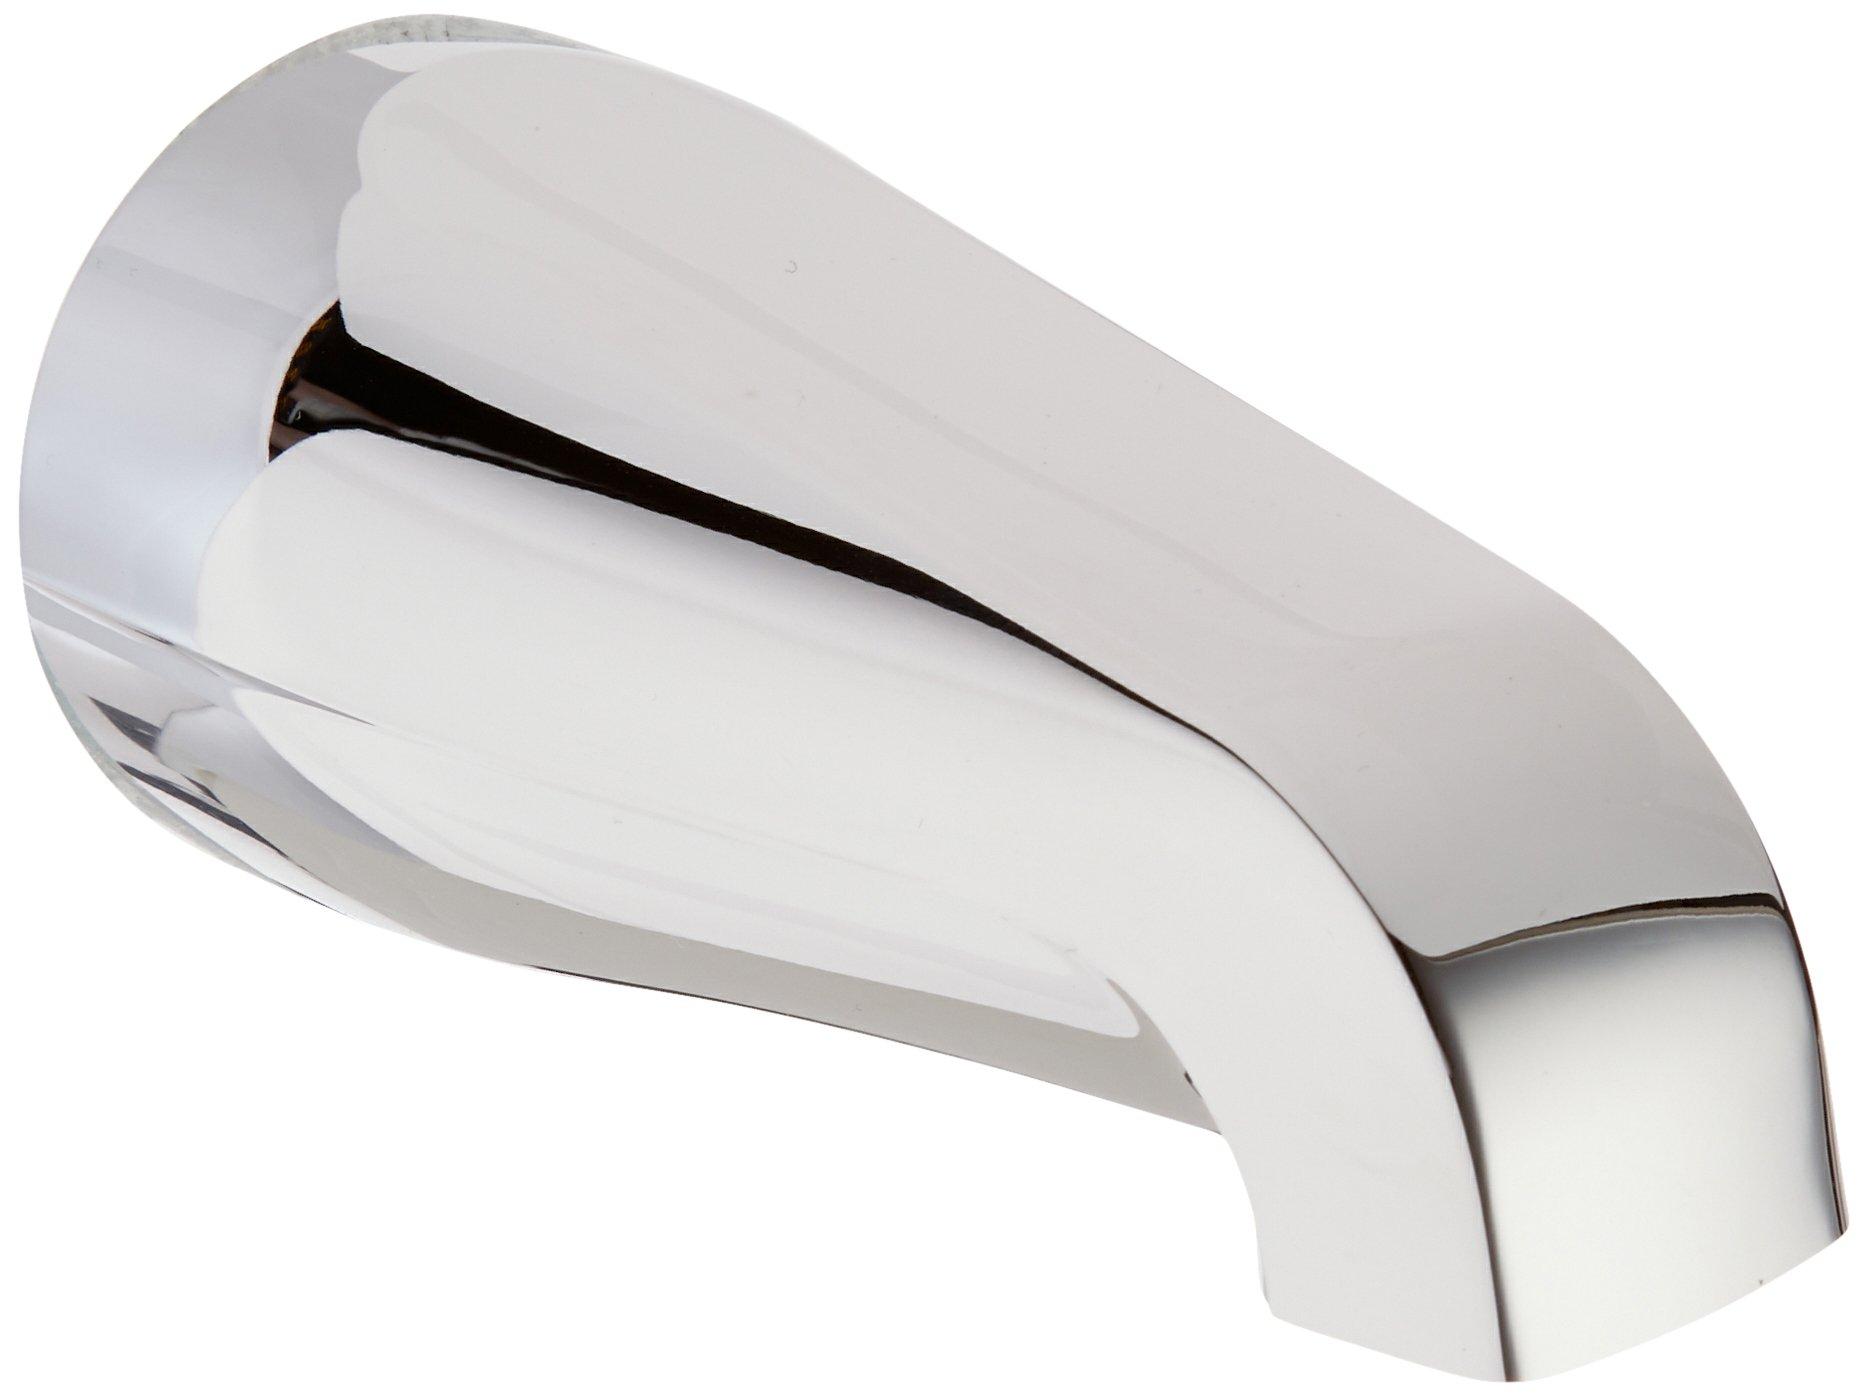 Delta Faucet RP5833 Tub Spout for Non-Diverter, Chrome